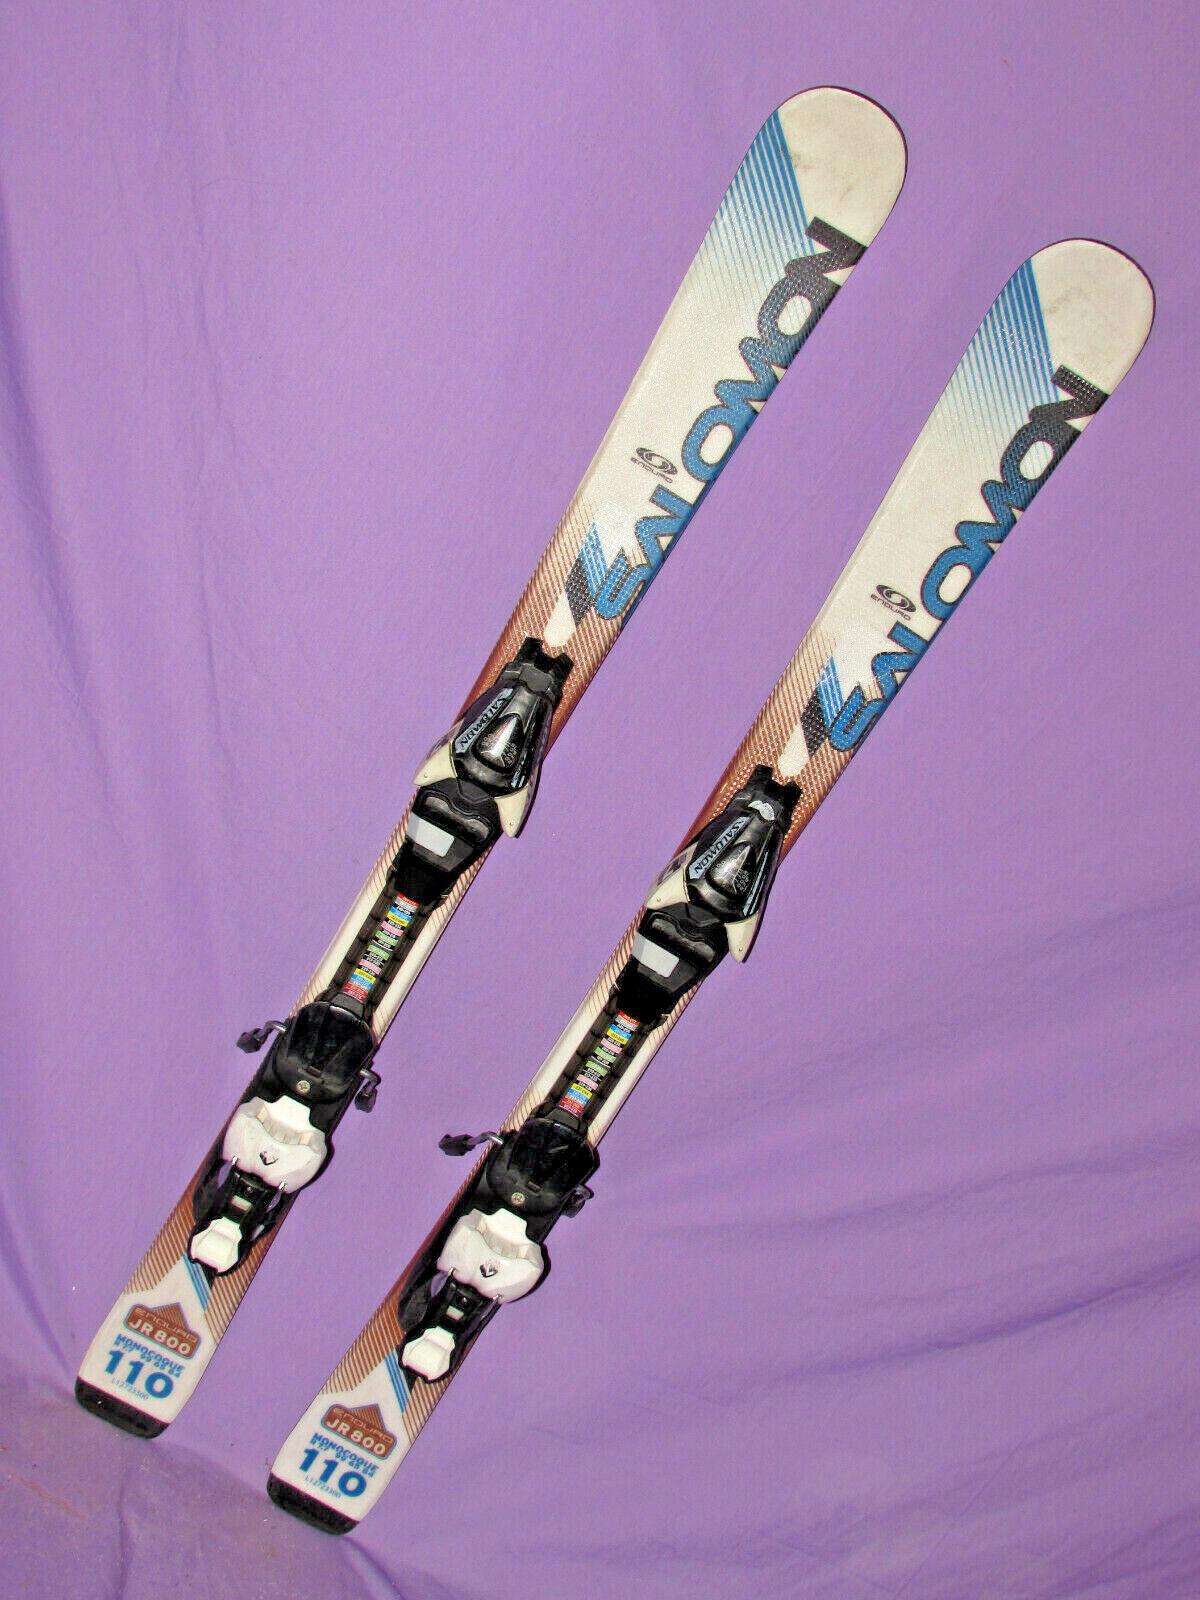 Salomom Enduro 800 Jr kid's skis 110cm w  Salomon L7 DEMO adjustable bindings